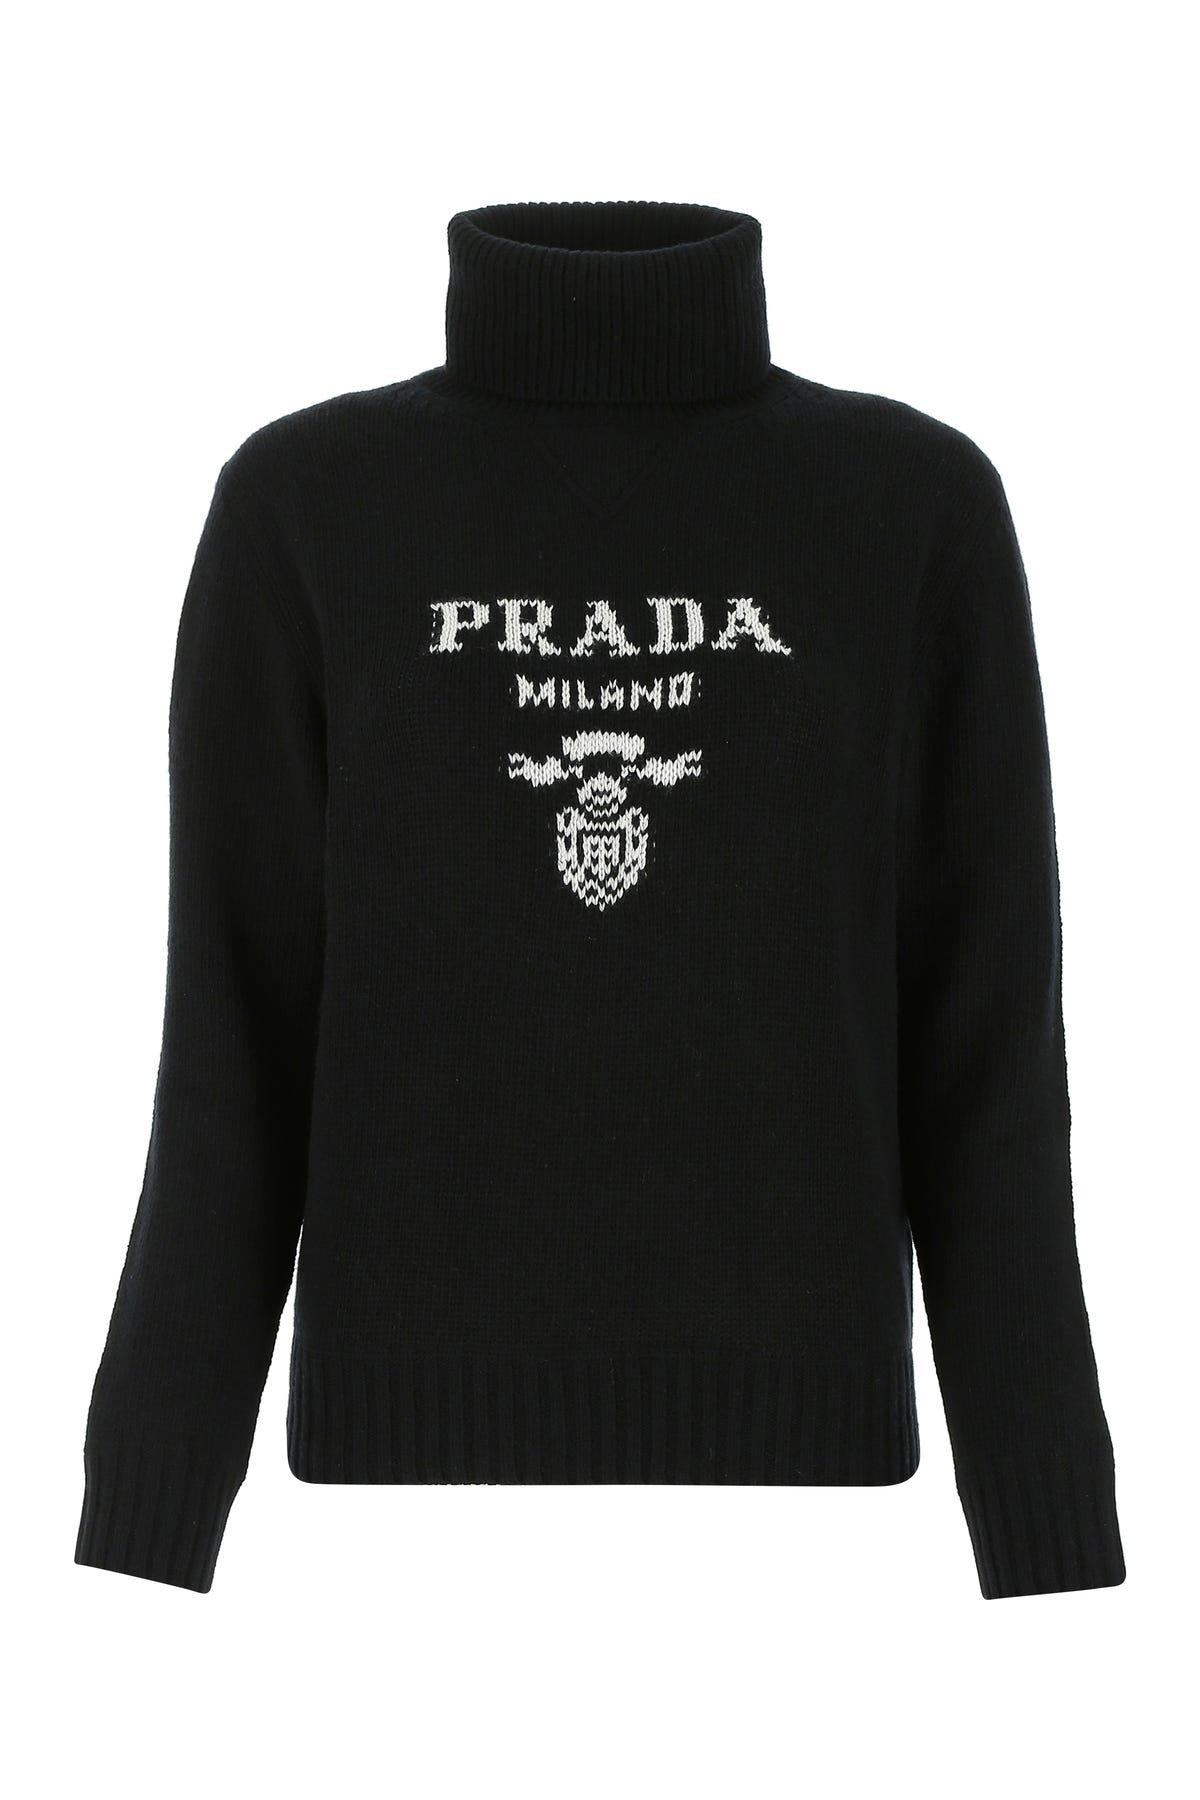 Prada Logo Jacquard Turtleneck Wool Sweater In Black